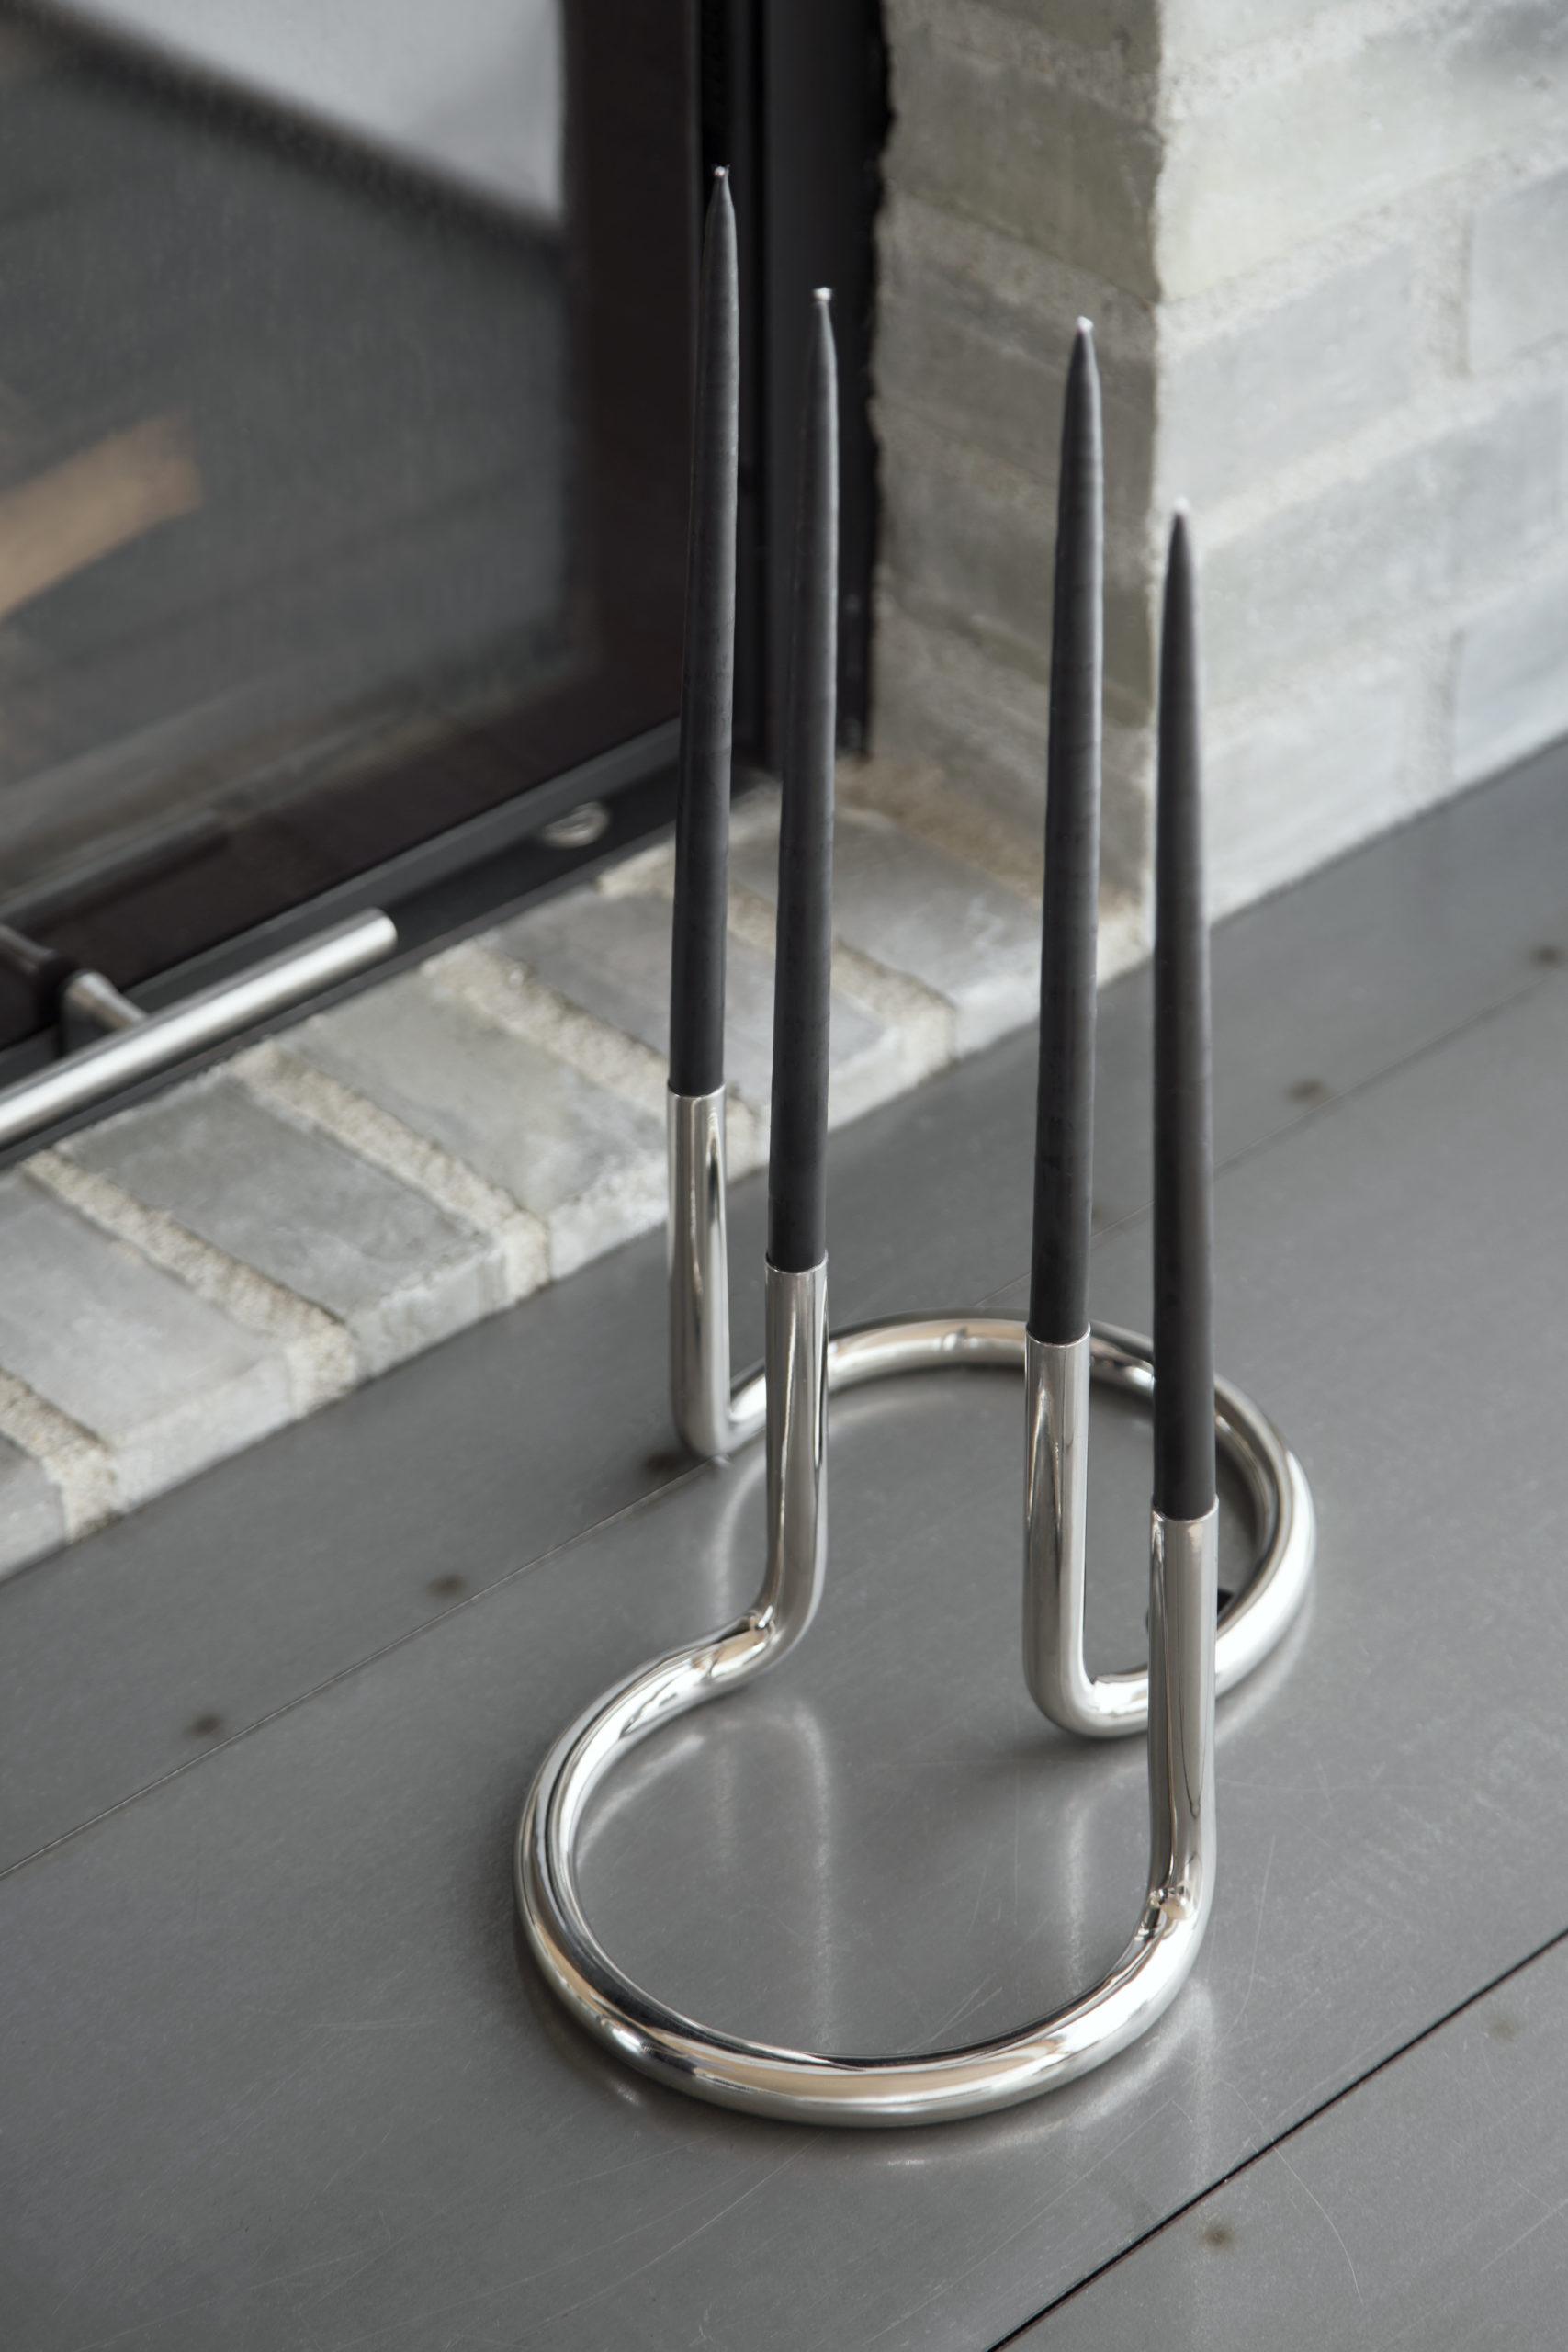 Architectmade-Gemini-Candleholder-Stainless-Steel-Denmark-Peter-Karpf-8